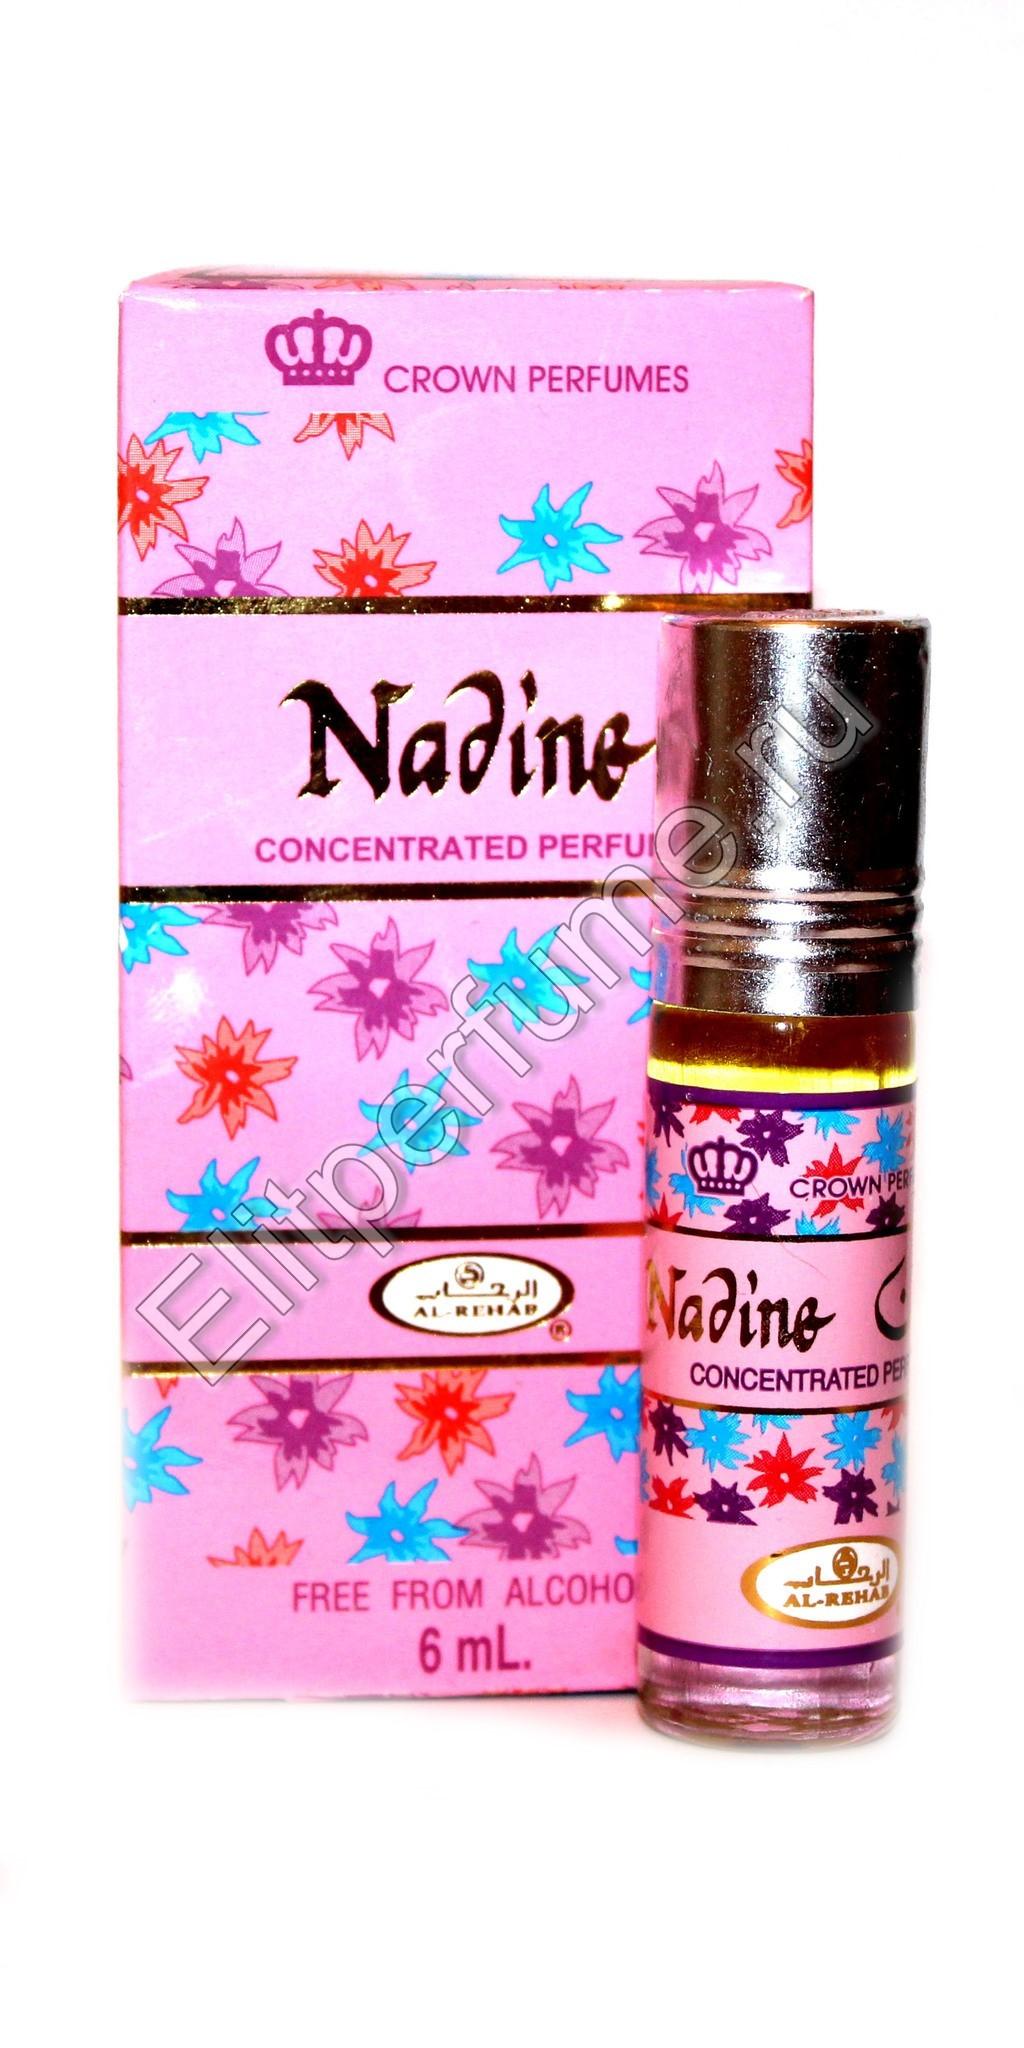 Nadin Надин 6 мл арабские масляные духи от Аль Рехаб Al Rehab